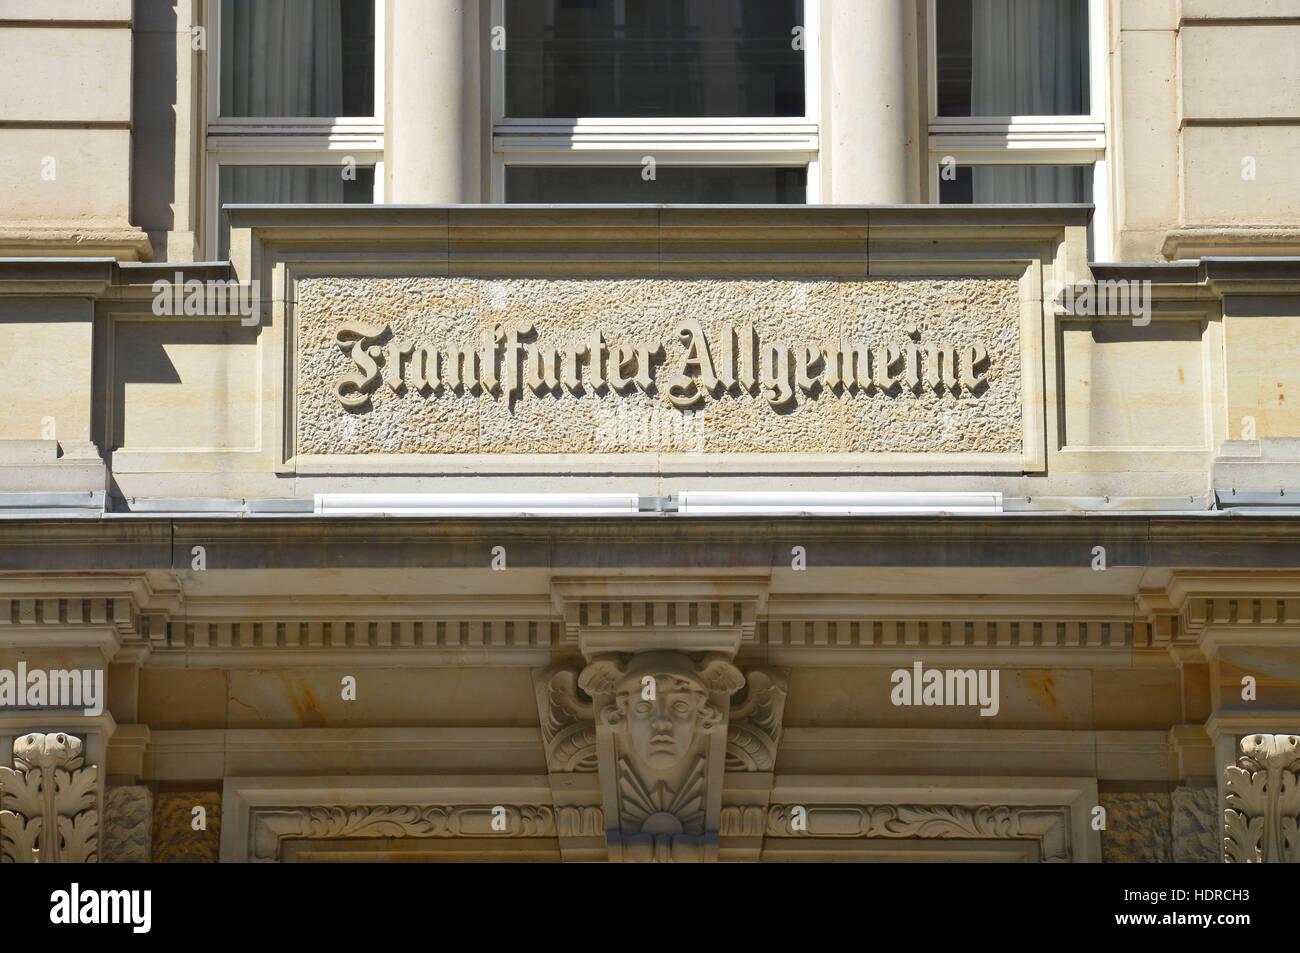 Berliner Allgemeine